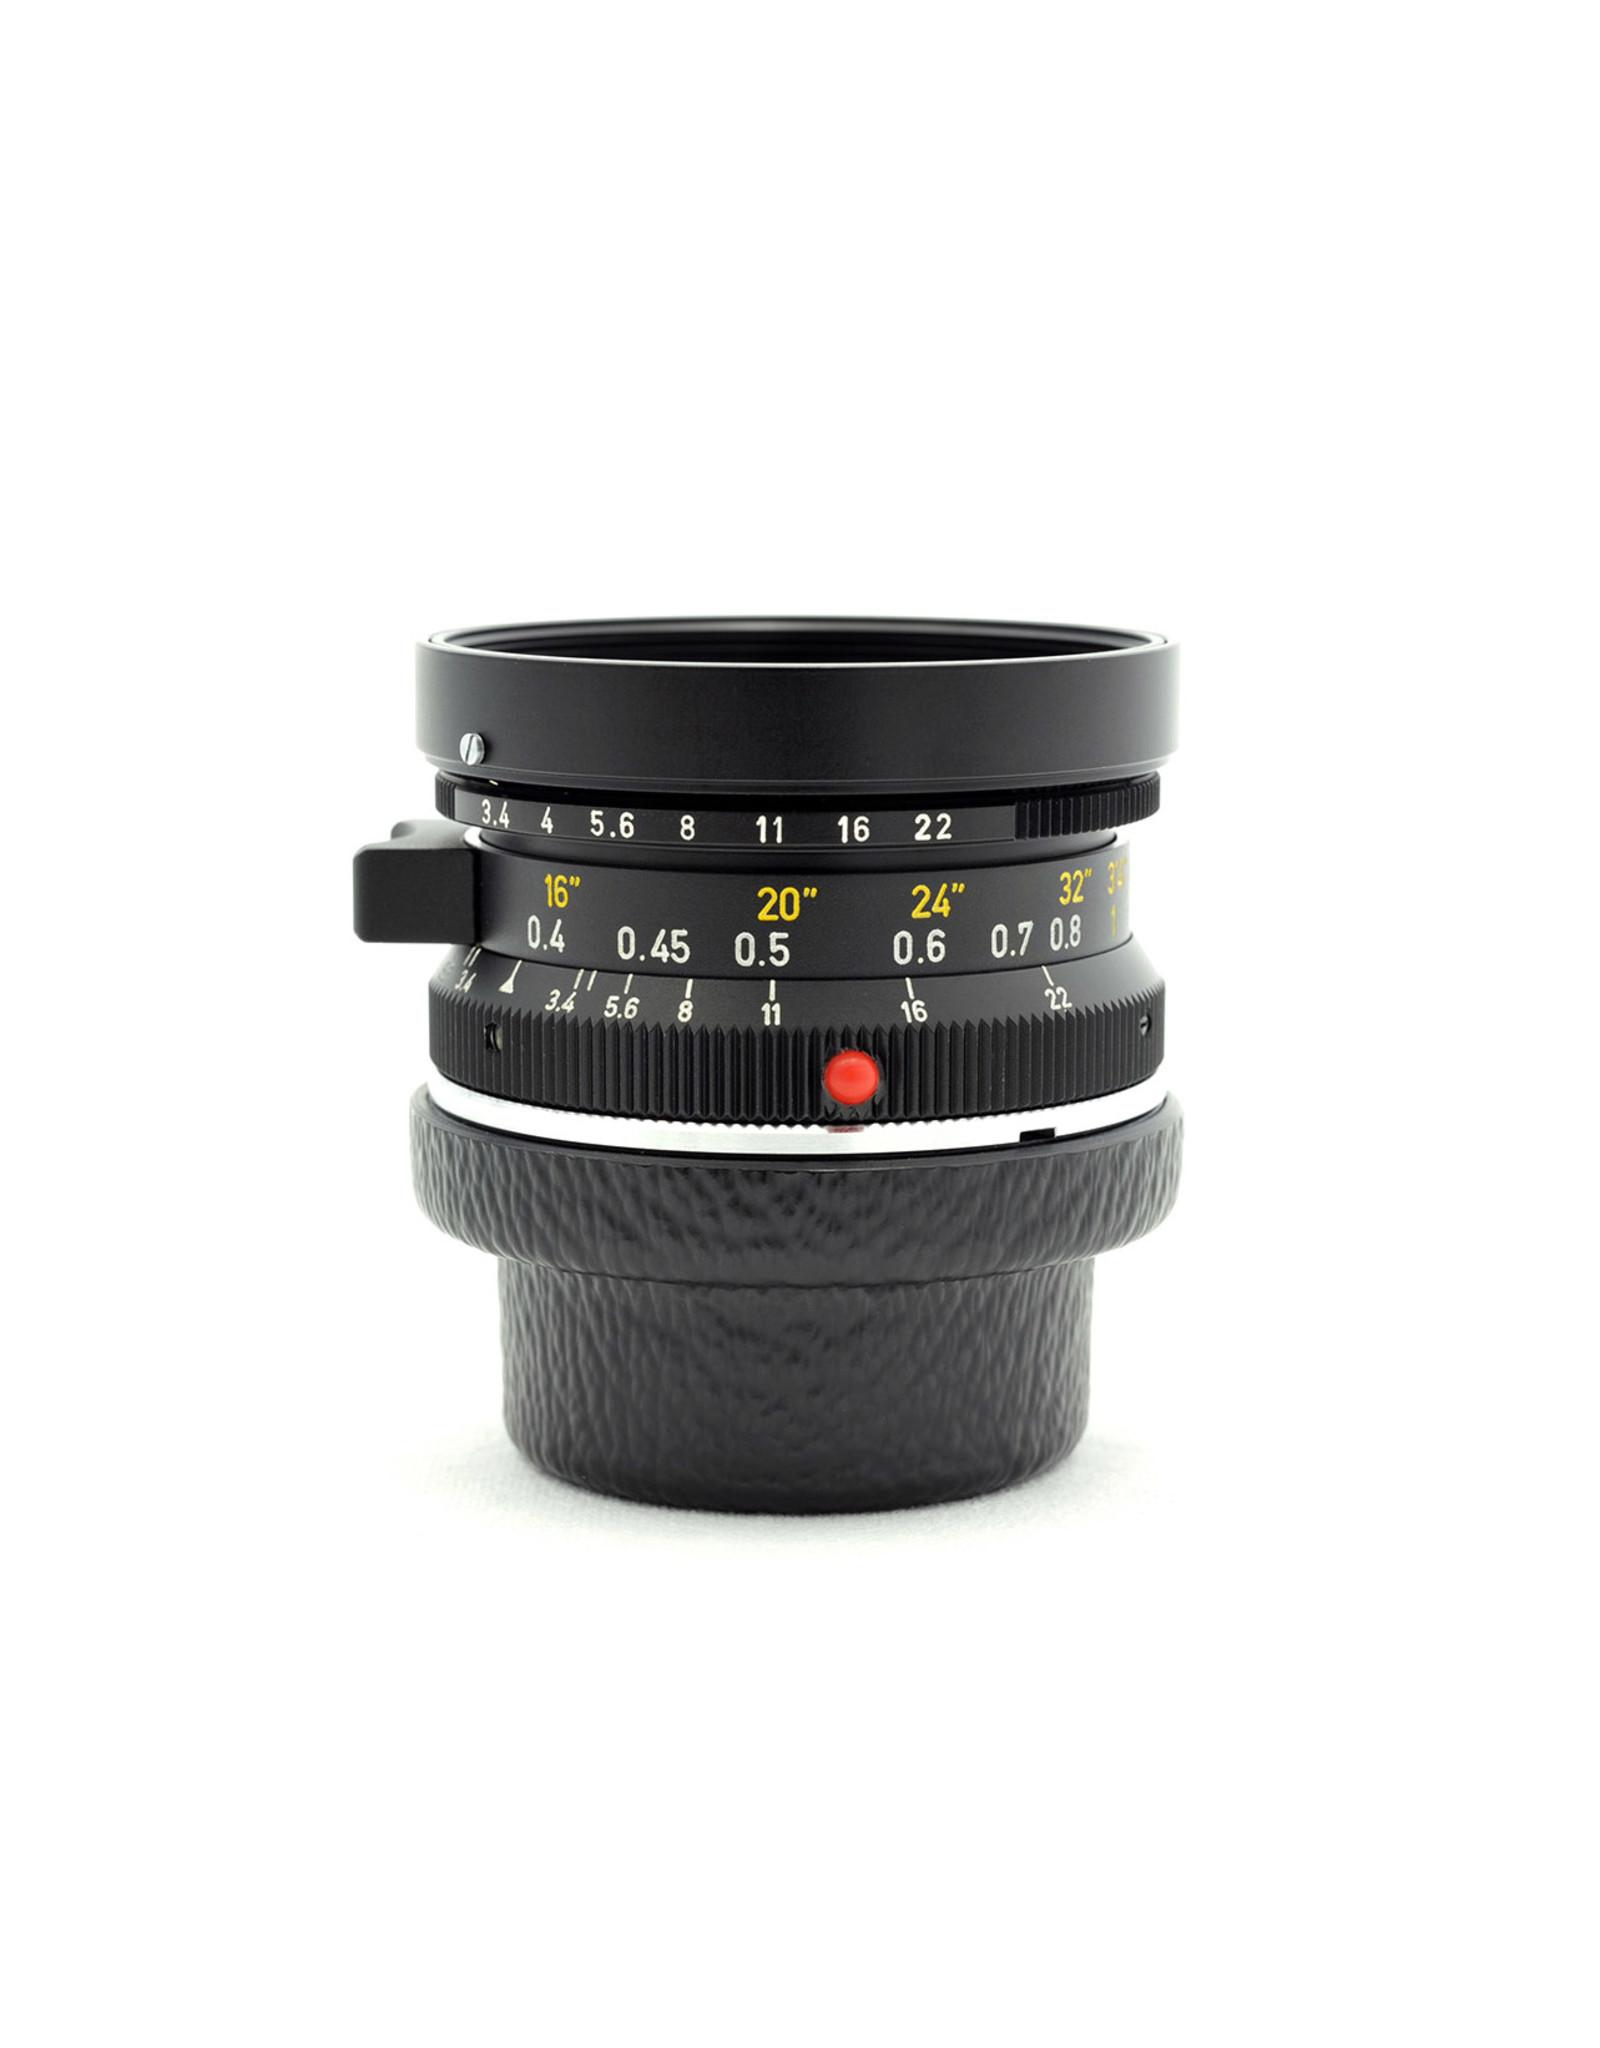 Leica Leica 21mm f3.4 Super-Angulon Black